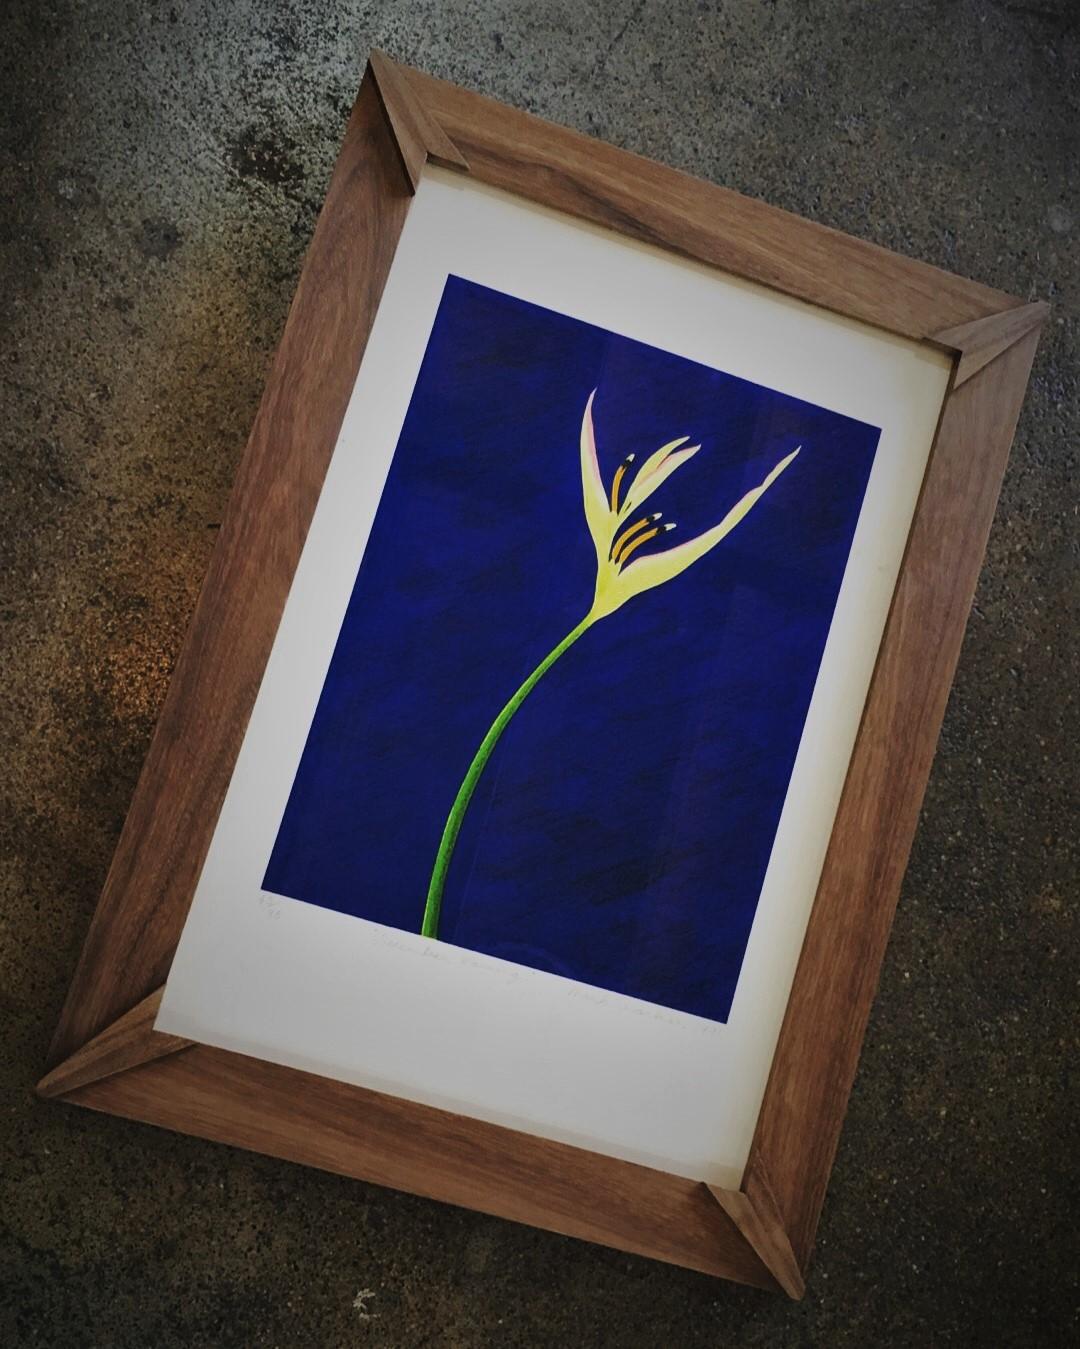 Native Blackbean Art Deco inspired ARTIS PURA designer frame